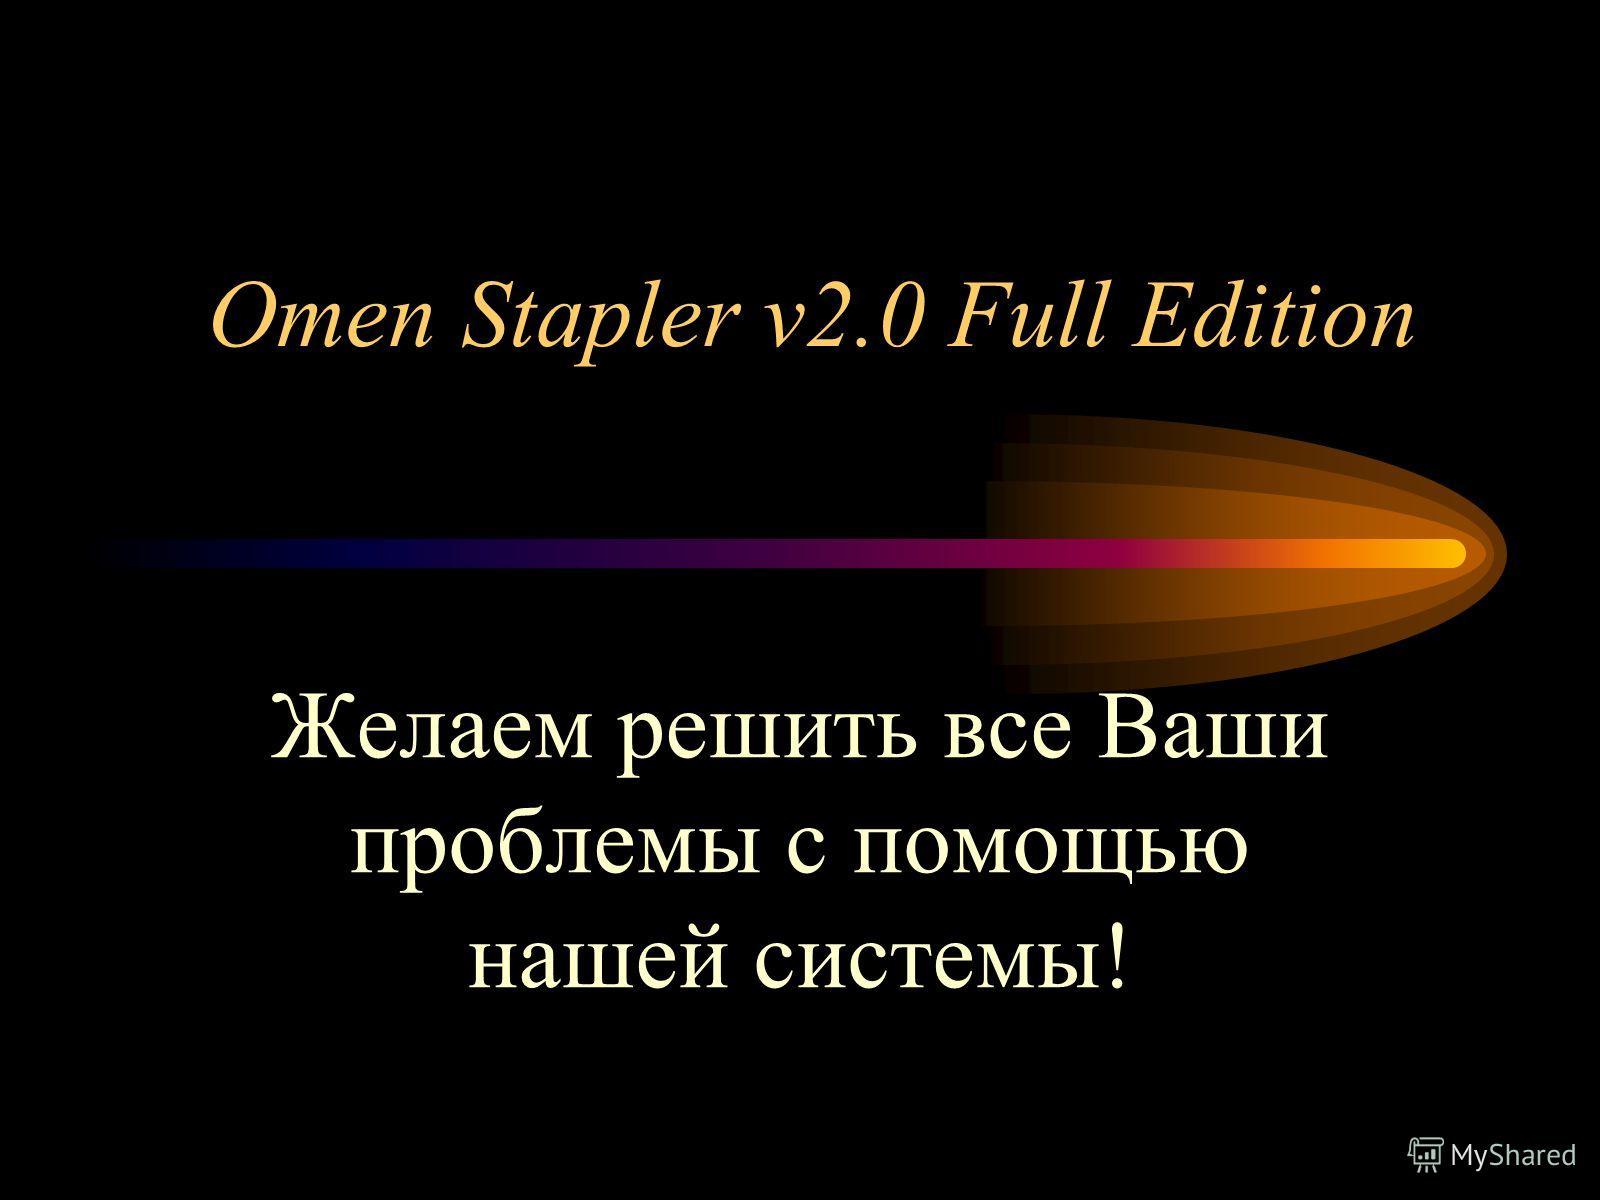 Вы ещё не приобрели Omen Stapler v2.0 Full Edition? Сделайте это немедленно! Волгоградский Государственный Технический Университет Кафедра «Информационные системы в экономике» Телефоны: 8-(8442)-77-00-32 8-(8443)-28-15-12 8-(8443)-29-11-98